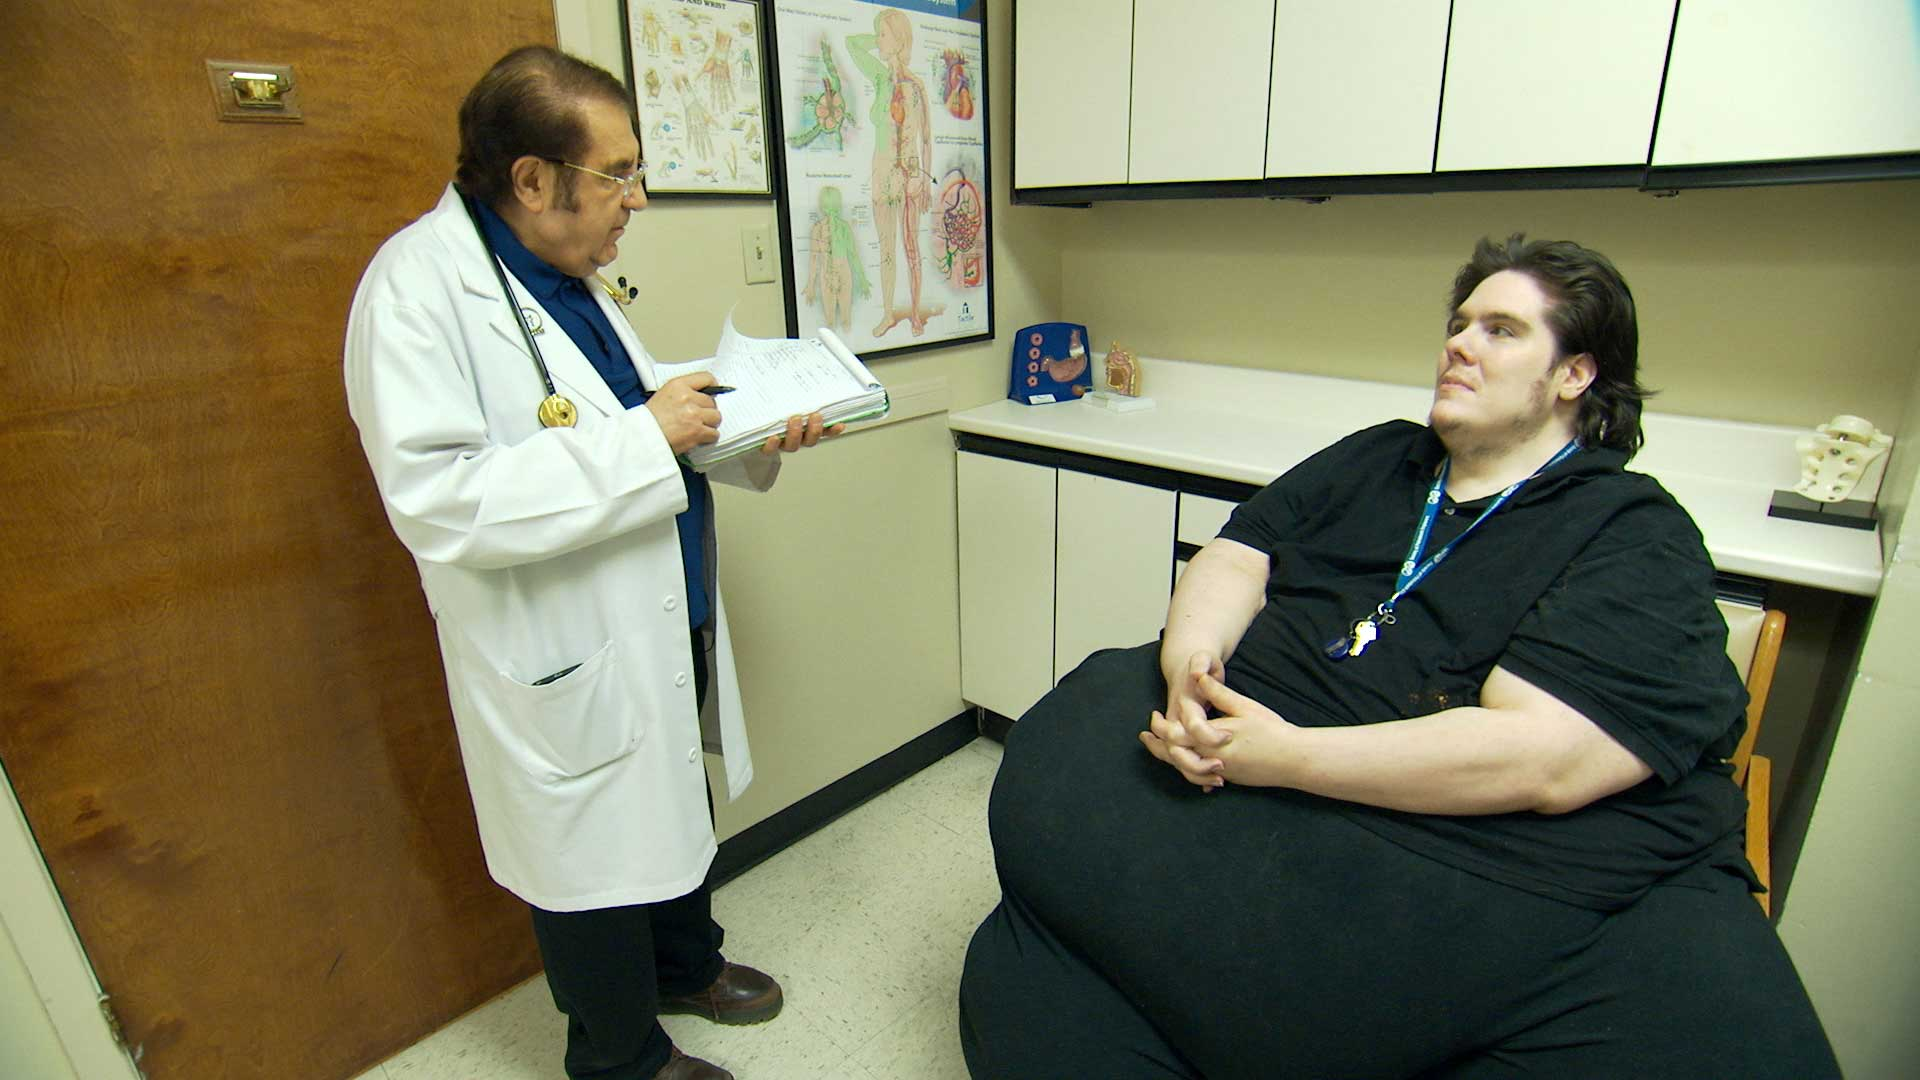 Steven y Justin Assanti son dos de los numerosos pacientes que han pasado por la consulta del Doctor Nowzaradan